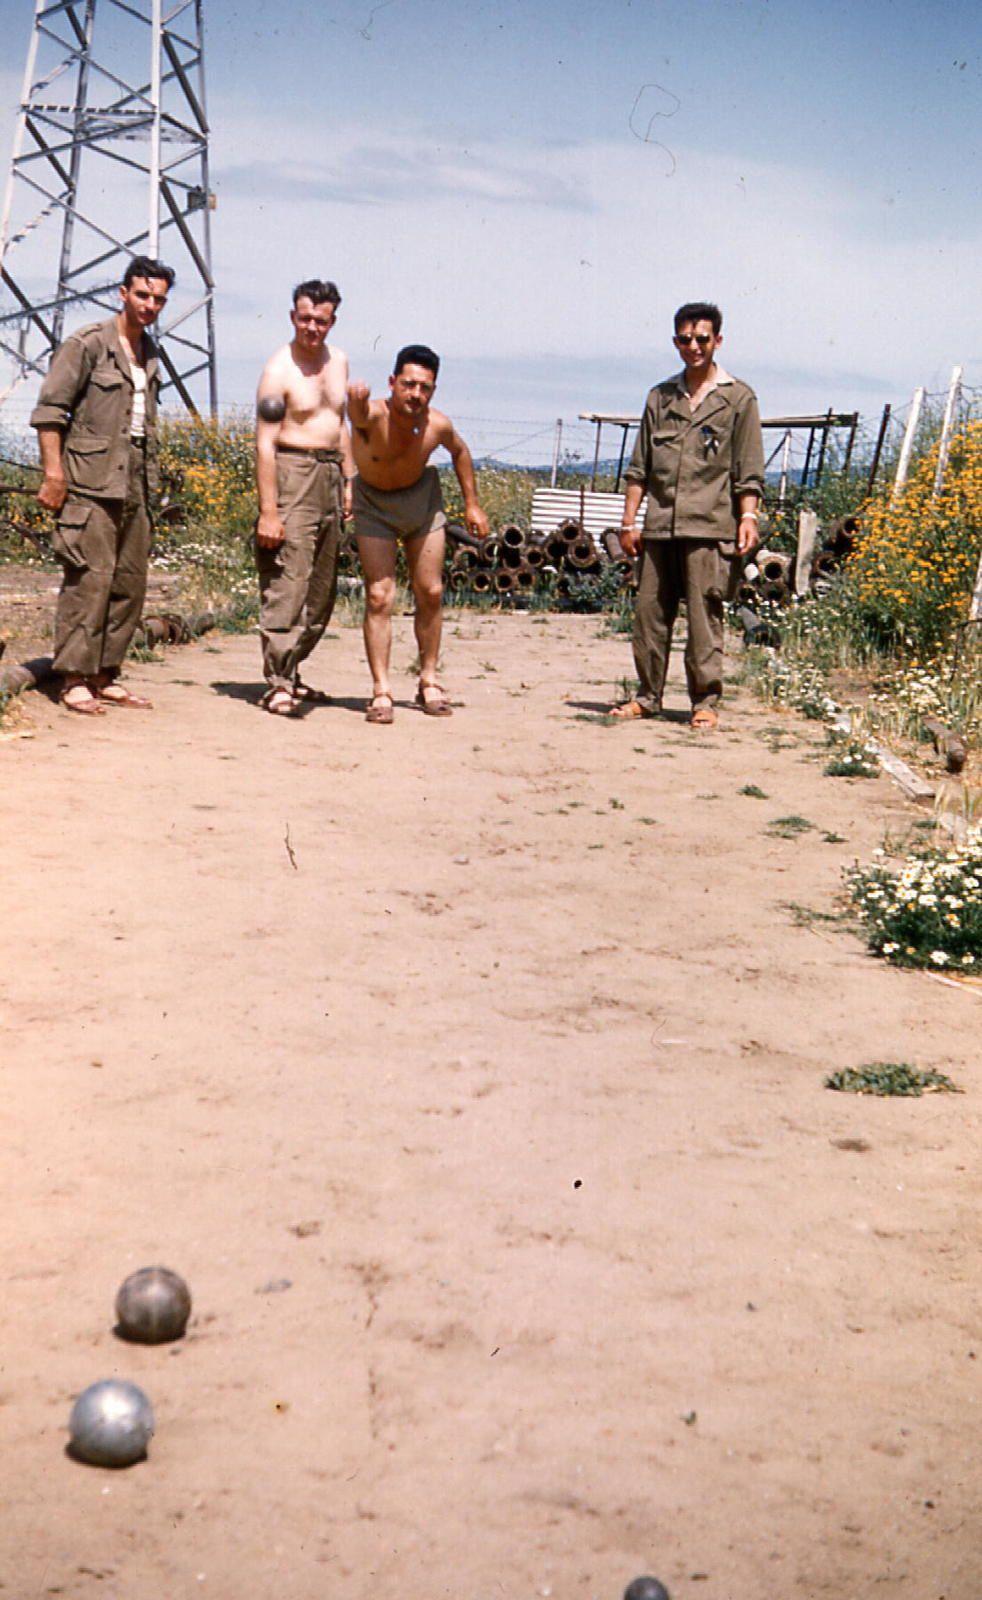 partie de pétanque à Kef Drari en 1958 PH CLP(votre serviteur à l'extreme gauche) la boule à la main notre ami  CLP .